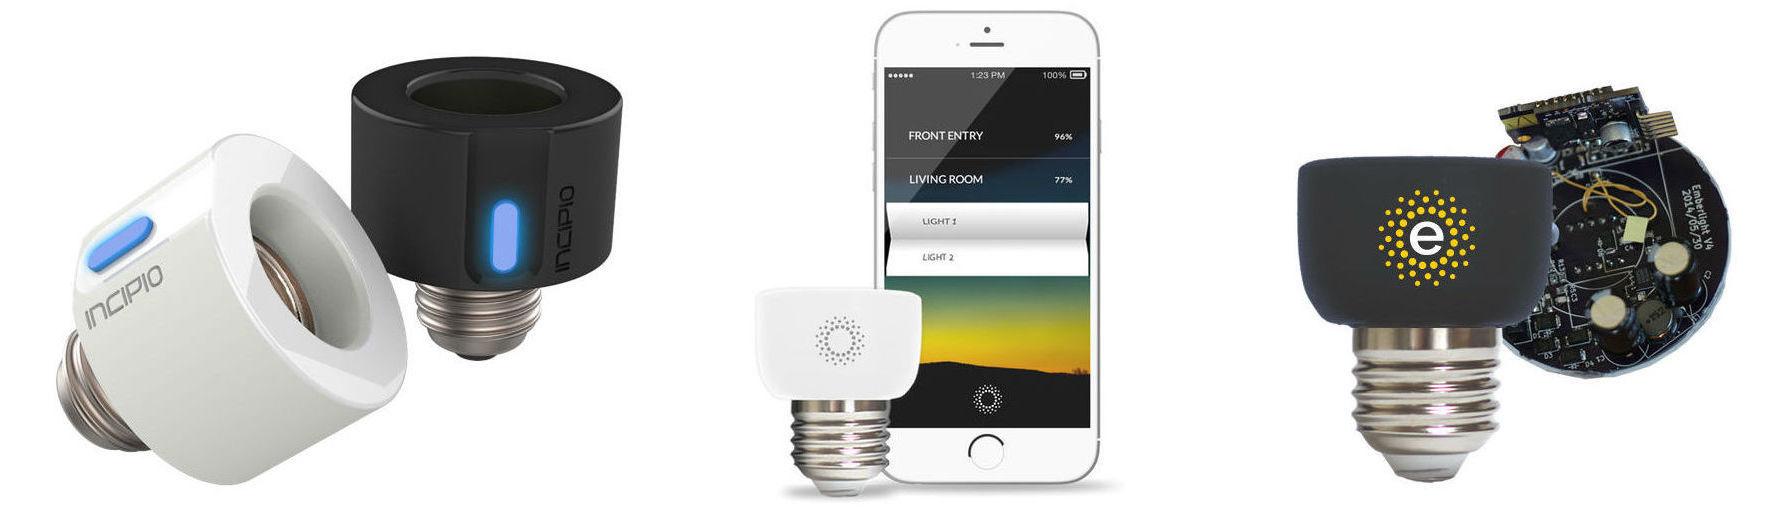 Почти весь умный дом: большая подборка отдельных смарт-элементов: лампы, розетки, климат, экология и безопасность - 33